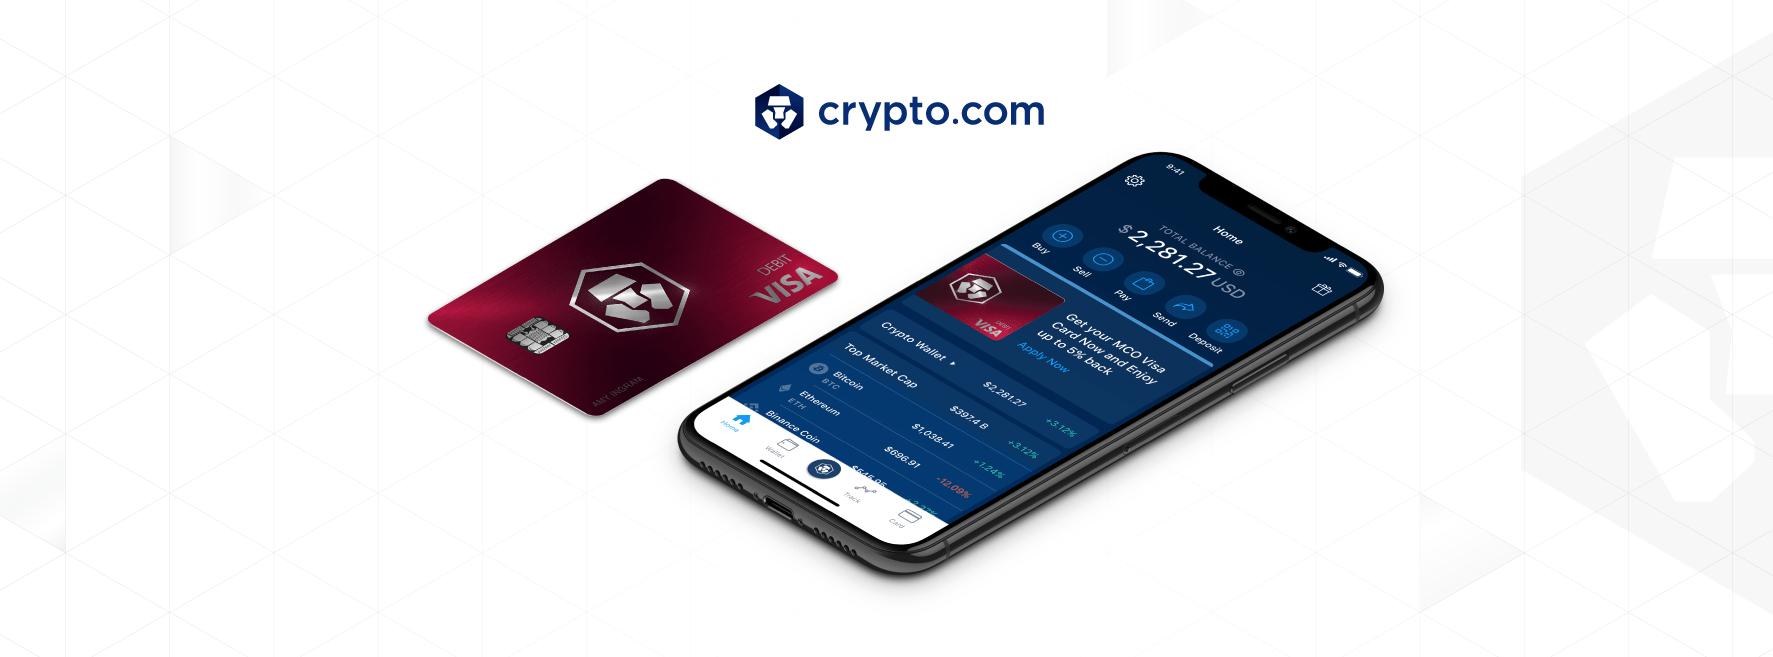 Crypto.com Offers